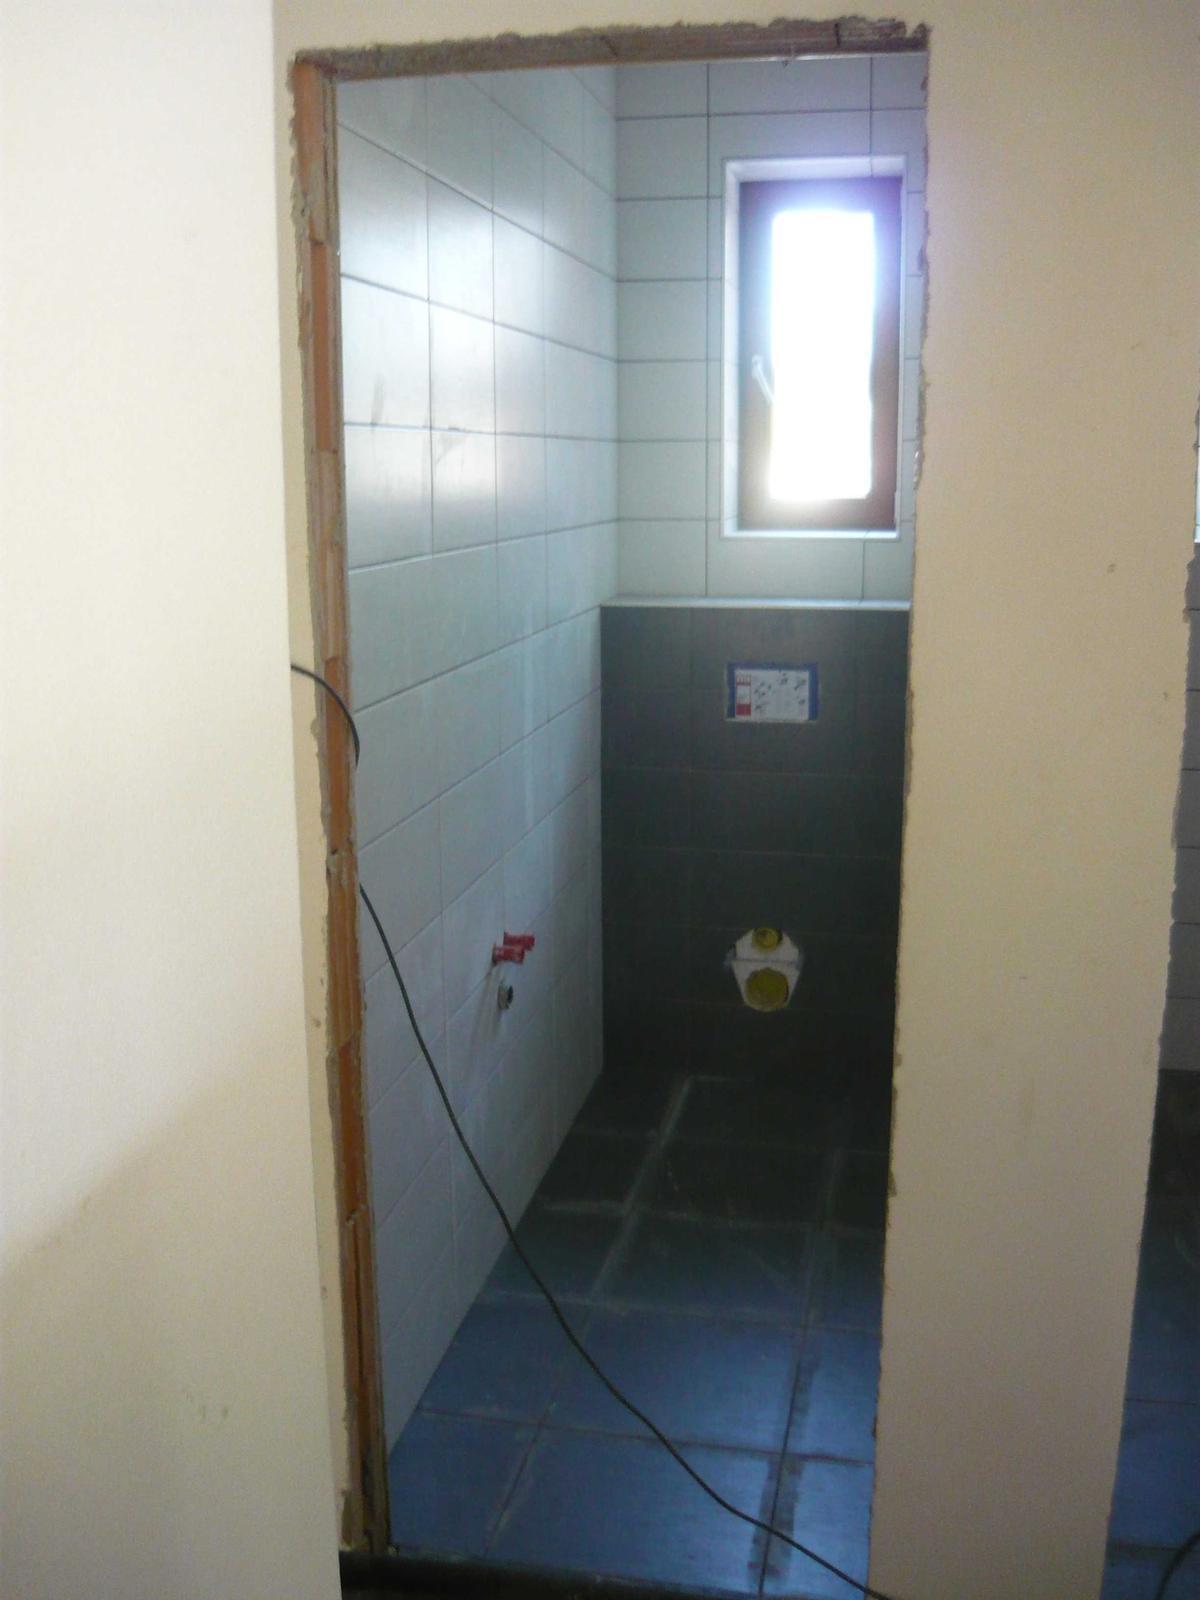 Horni wc, spodní koupelna,... - Obrázek č. 3